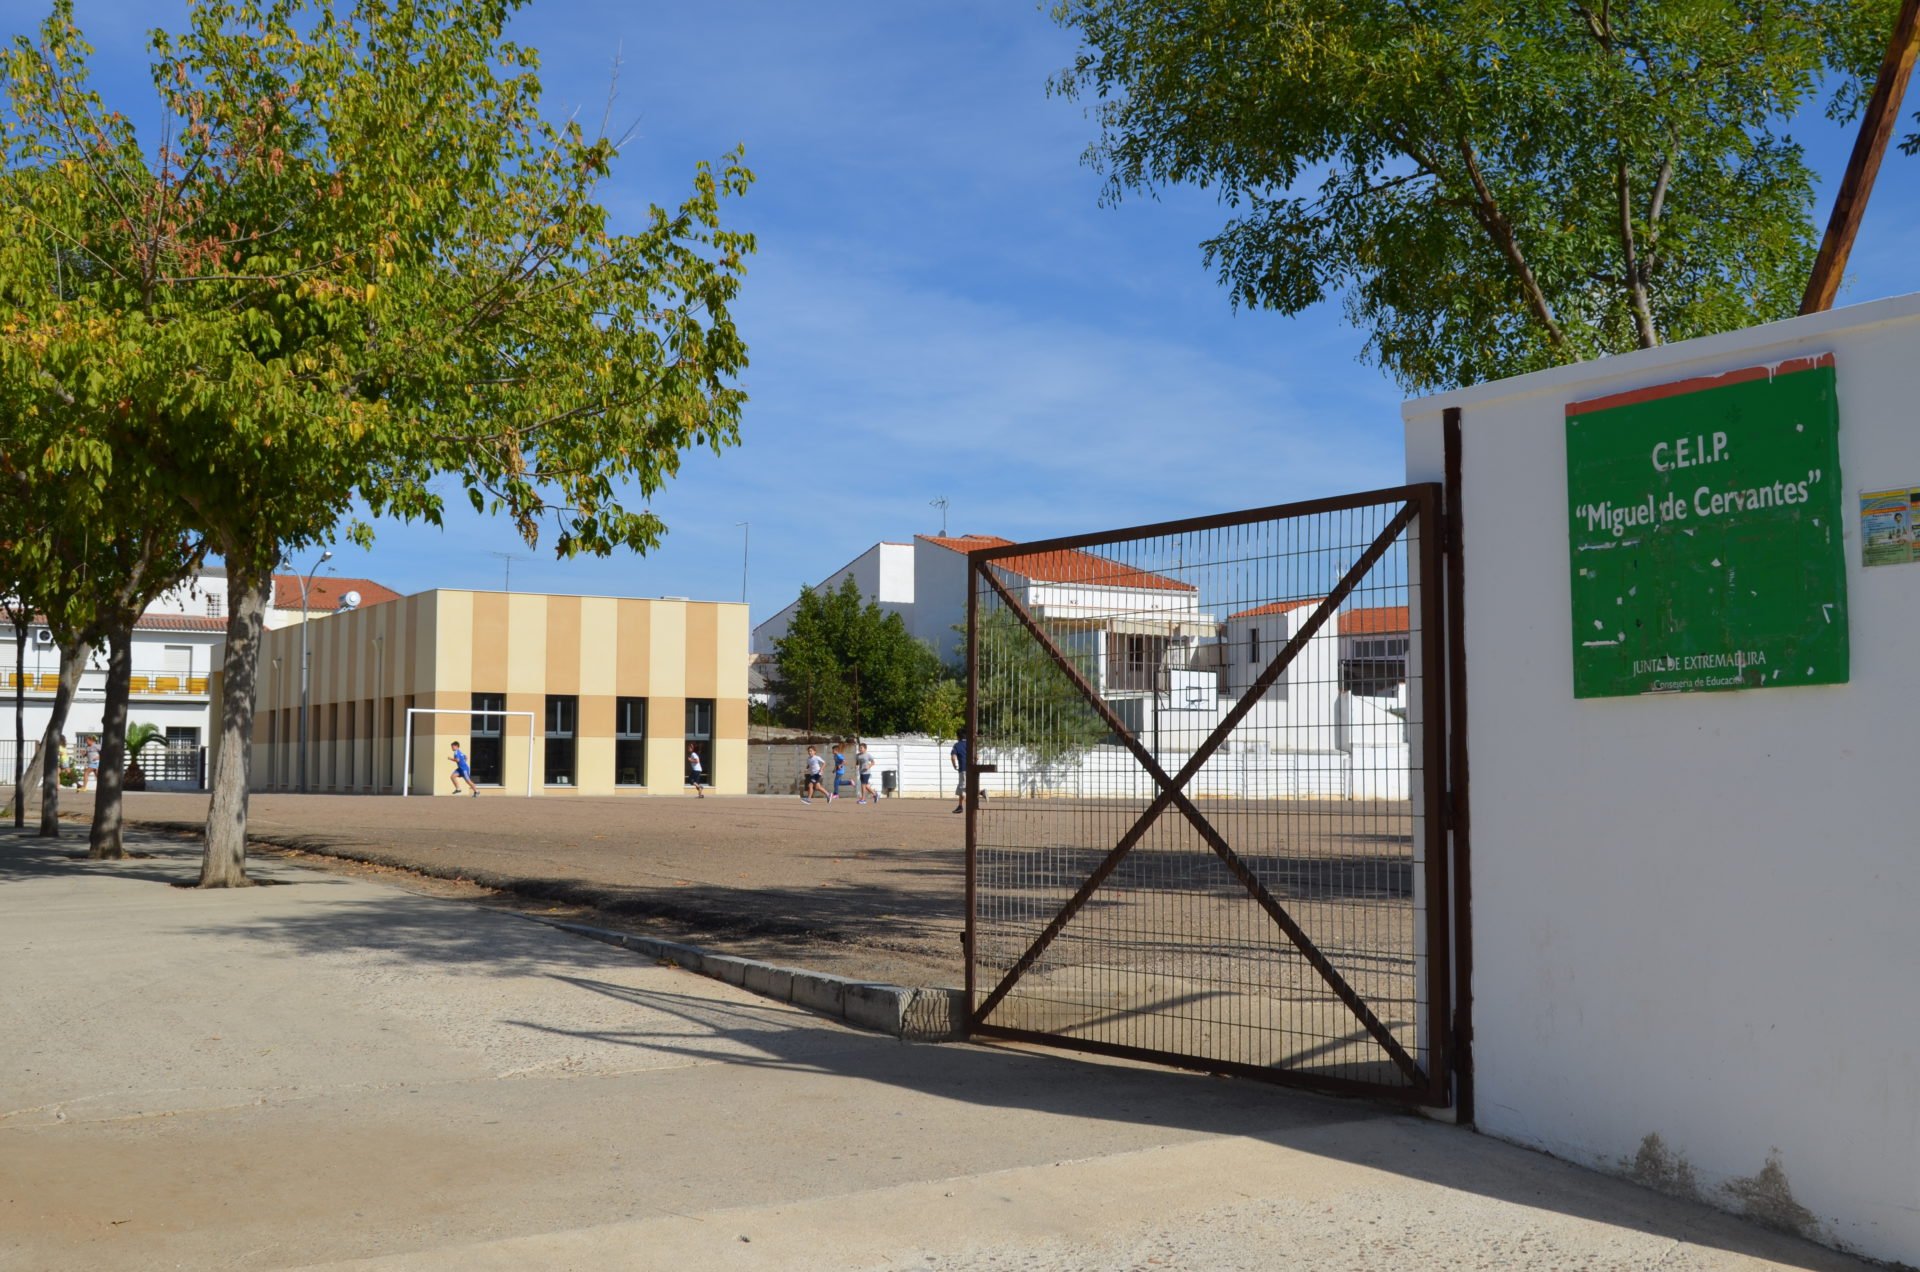 Educación realizará distintas mejoras de infraestructuras en los colegios Cervantes, Santiago y el pabellón del